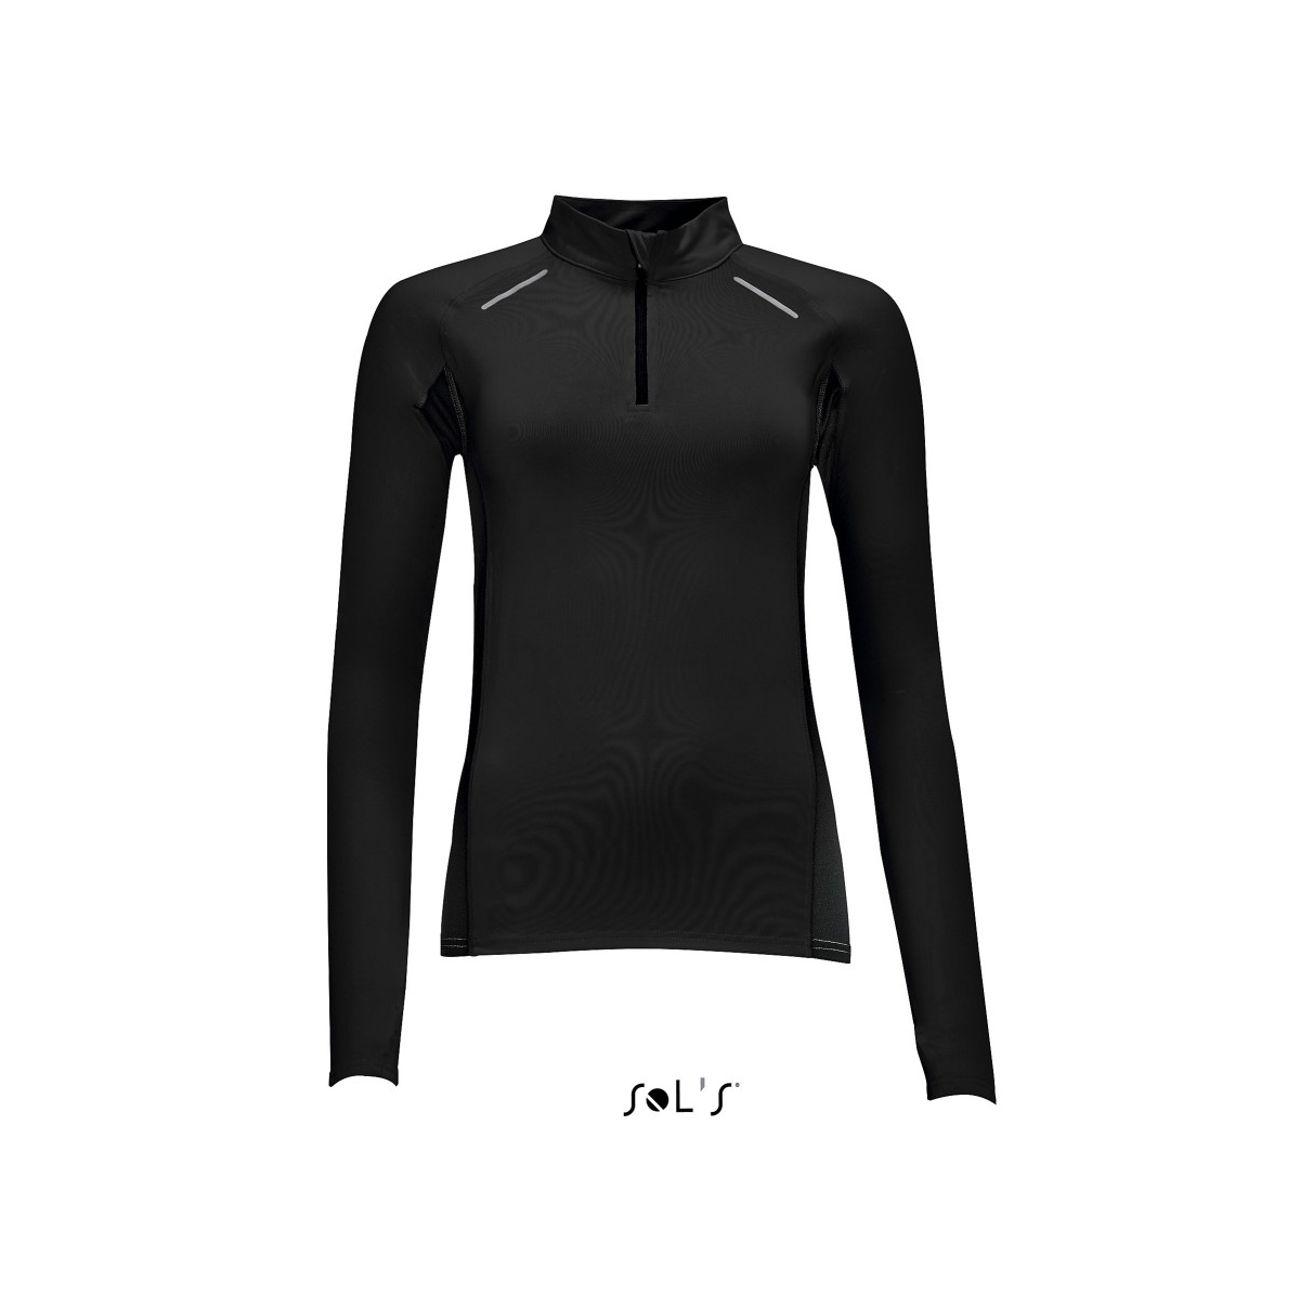 running femme SOL S t-shirt running manches longues - Femme - 01417 - noir